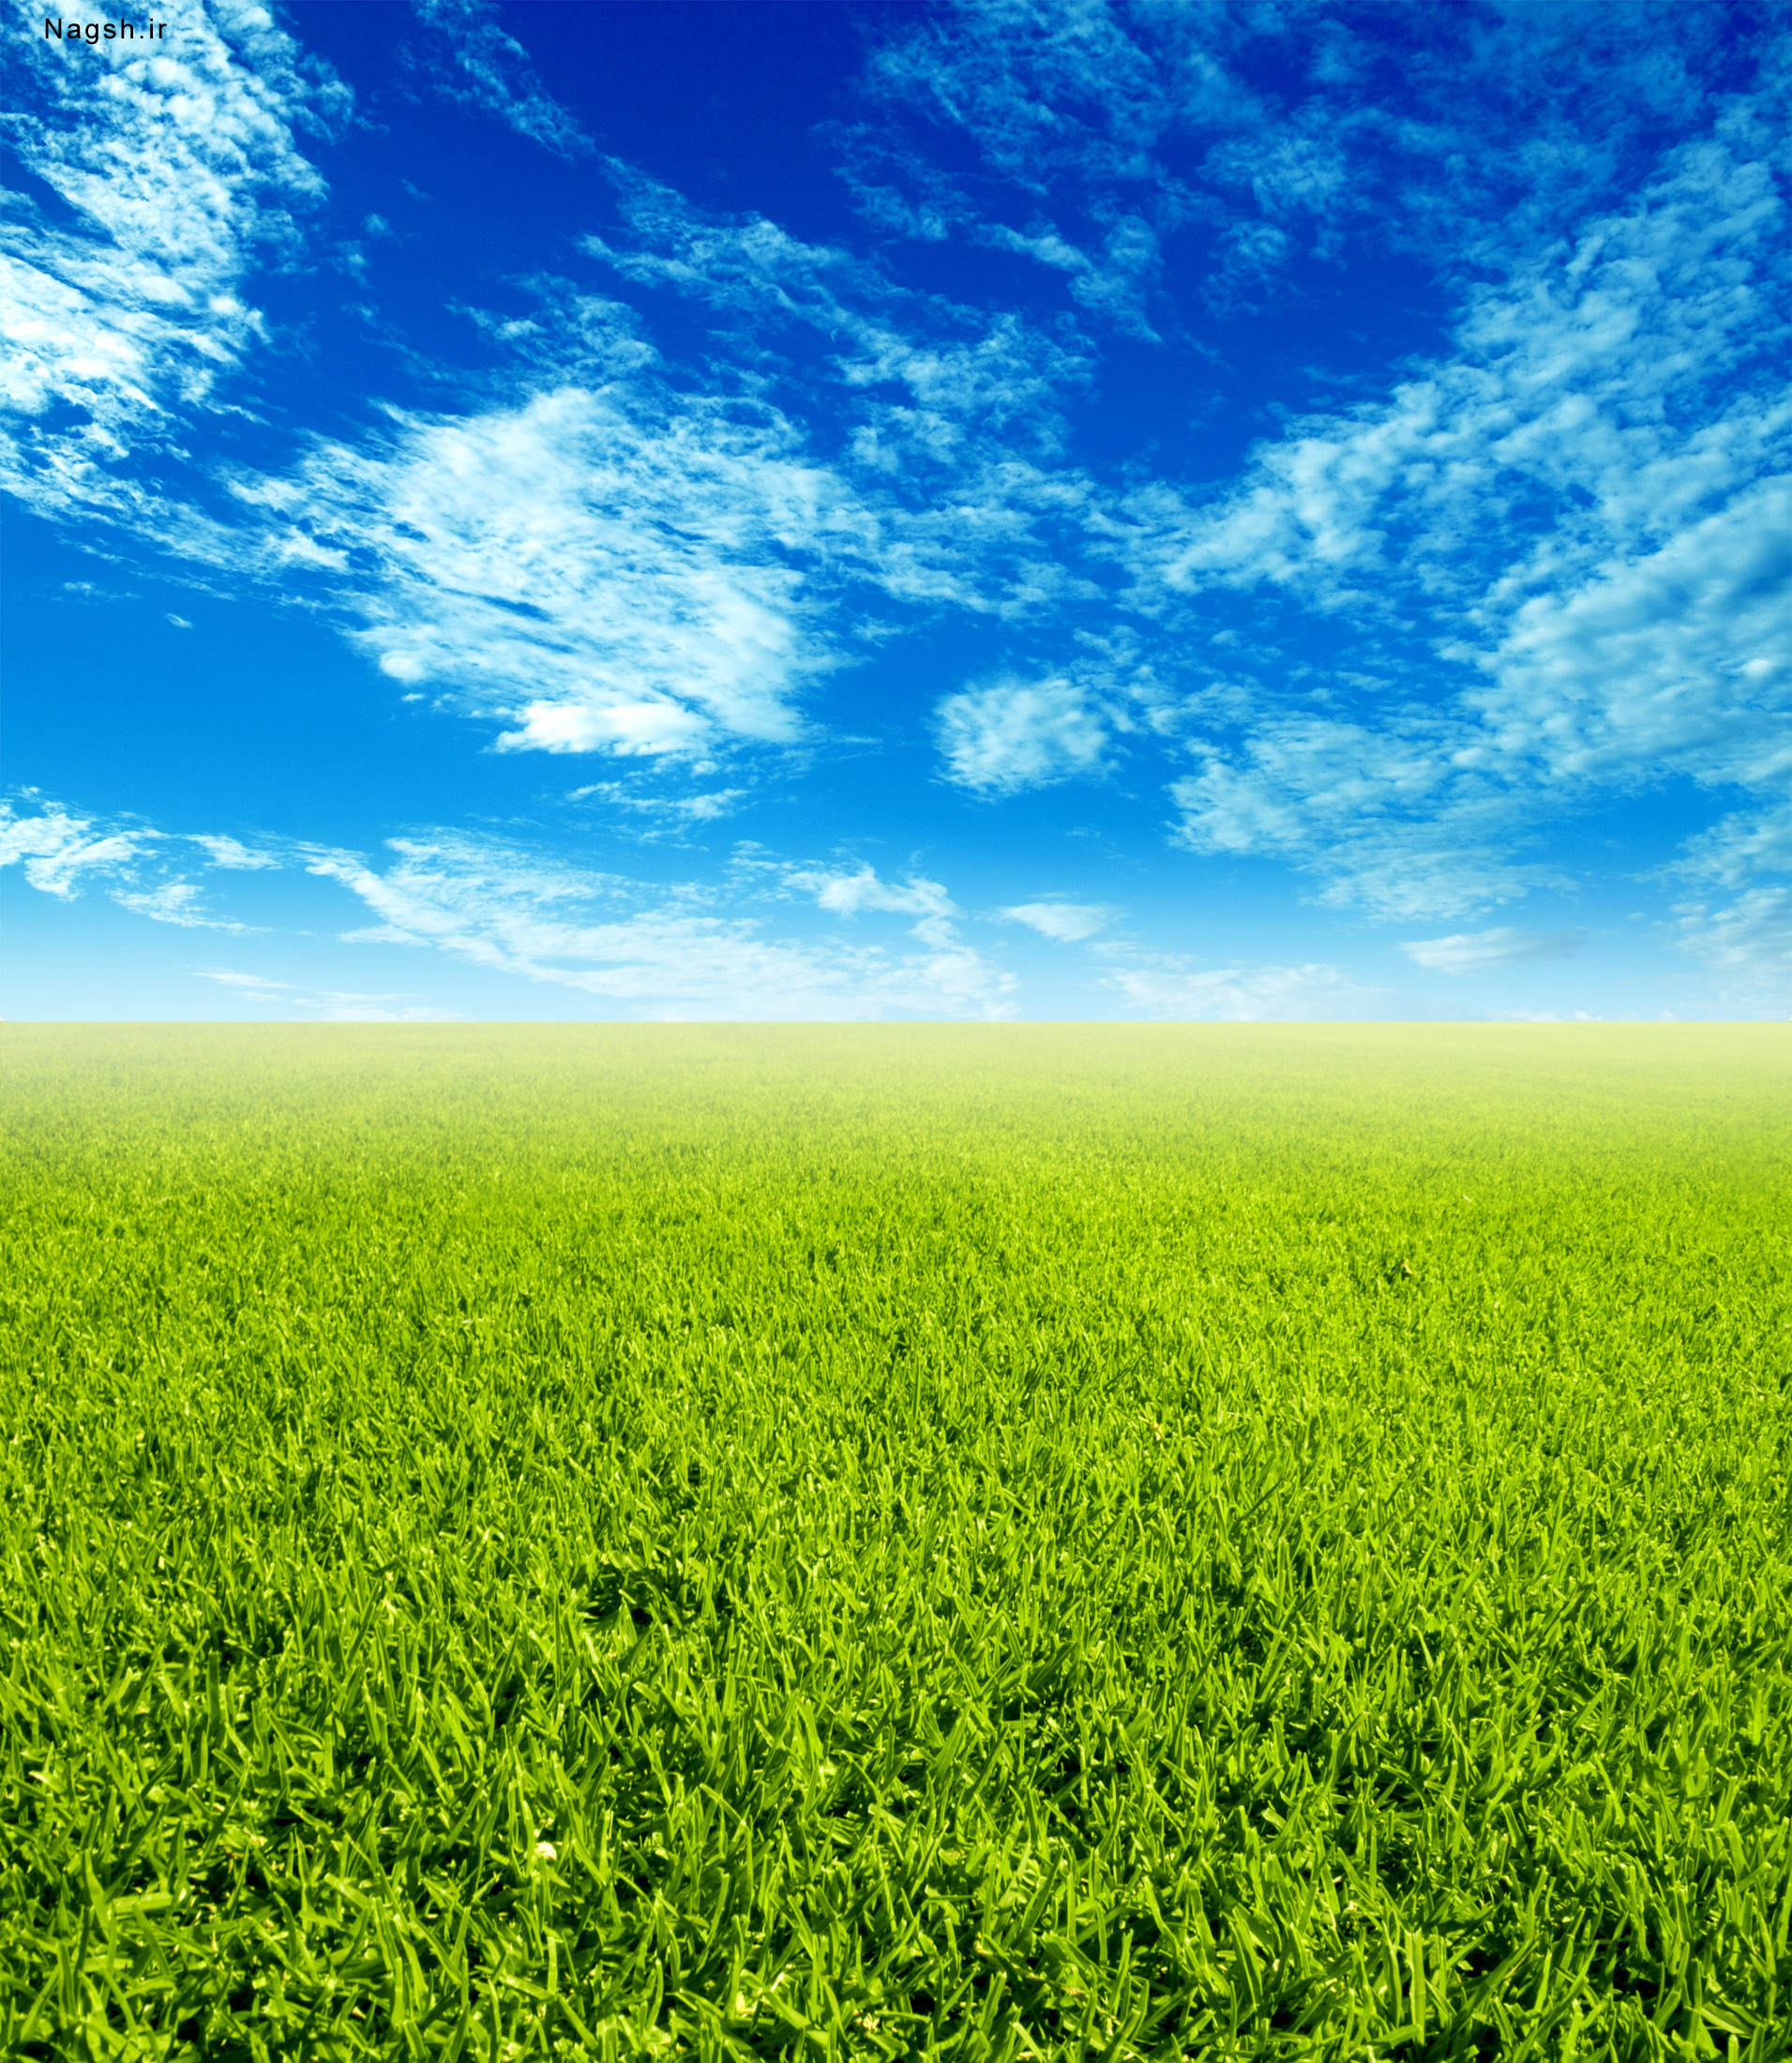 زمین سبز و آسمان آبی